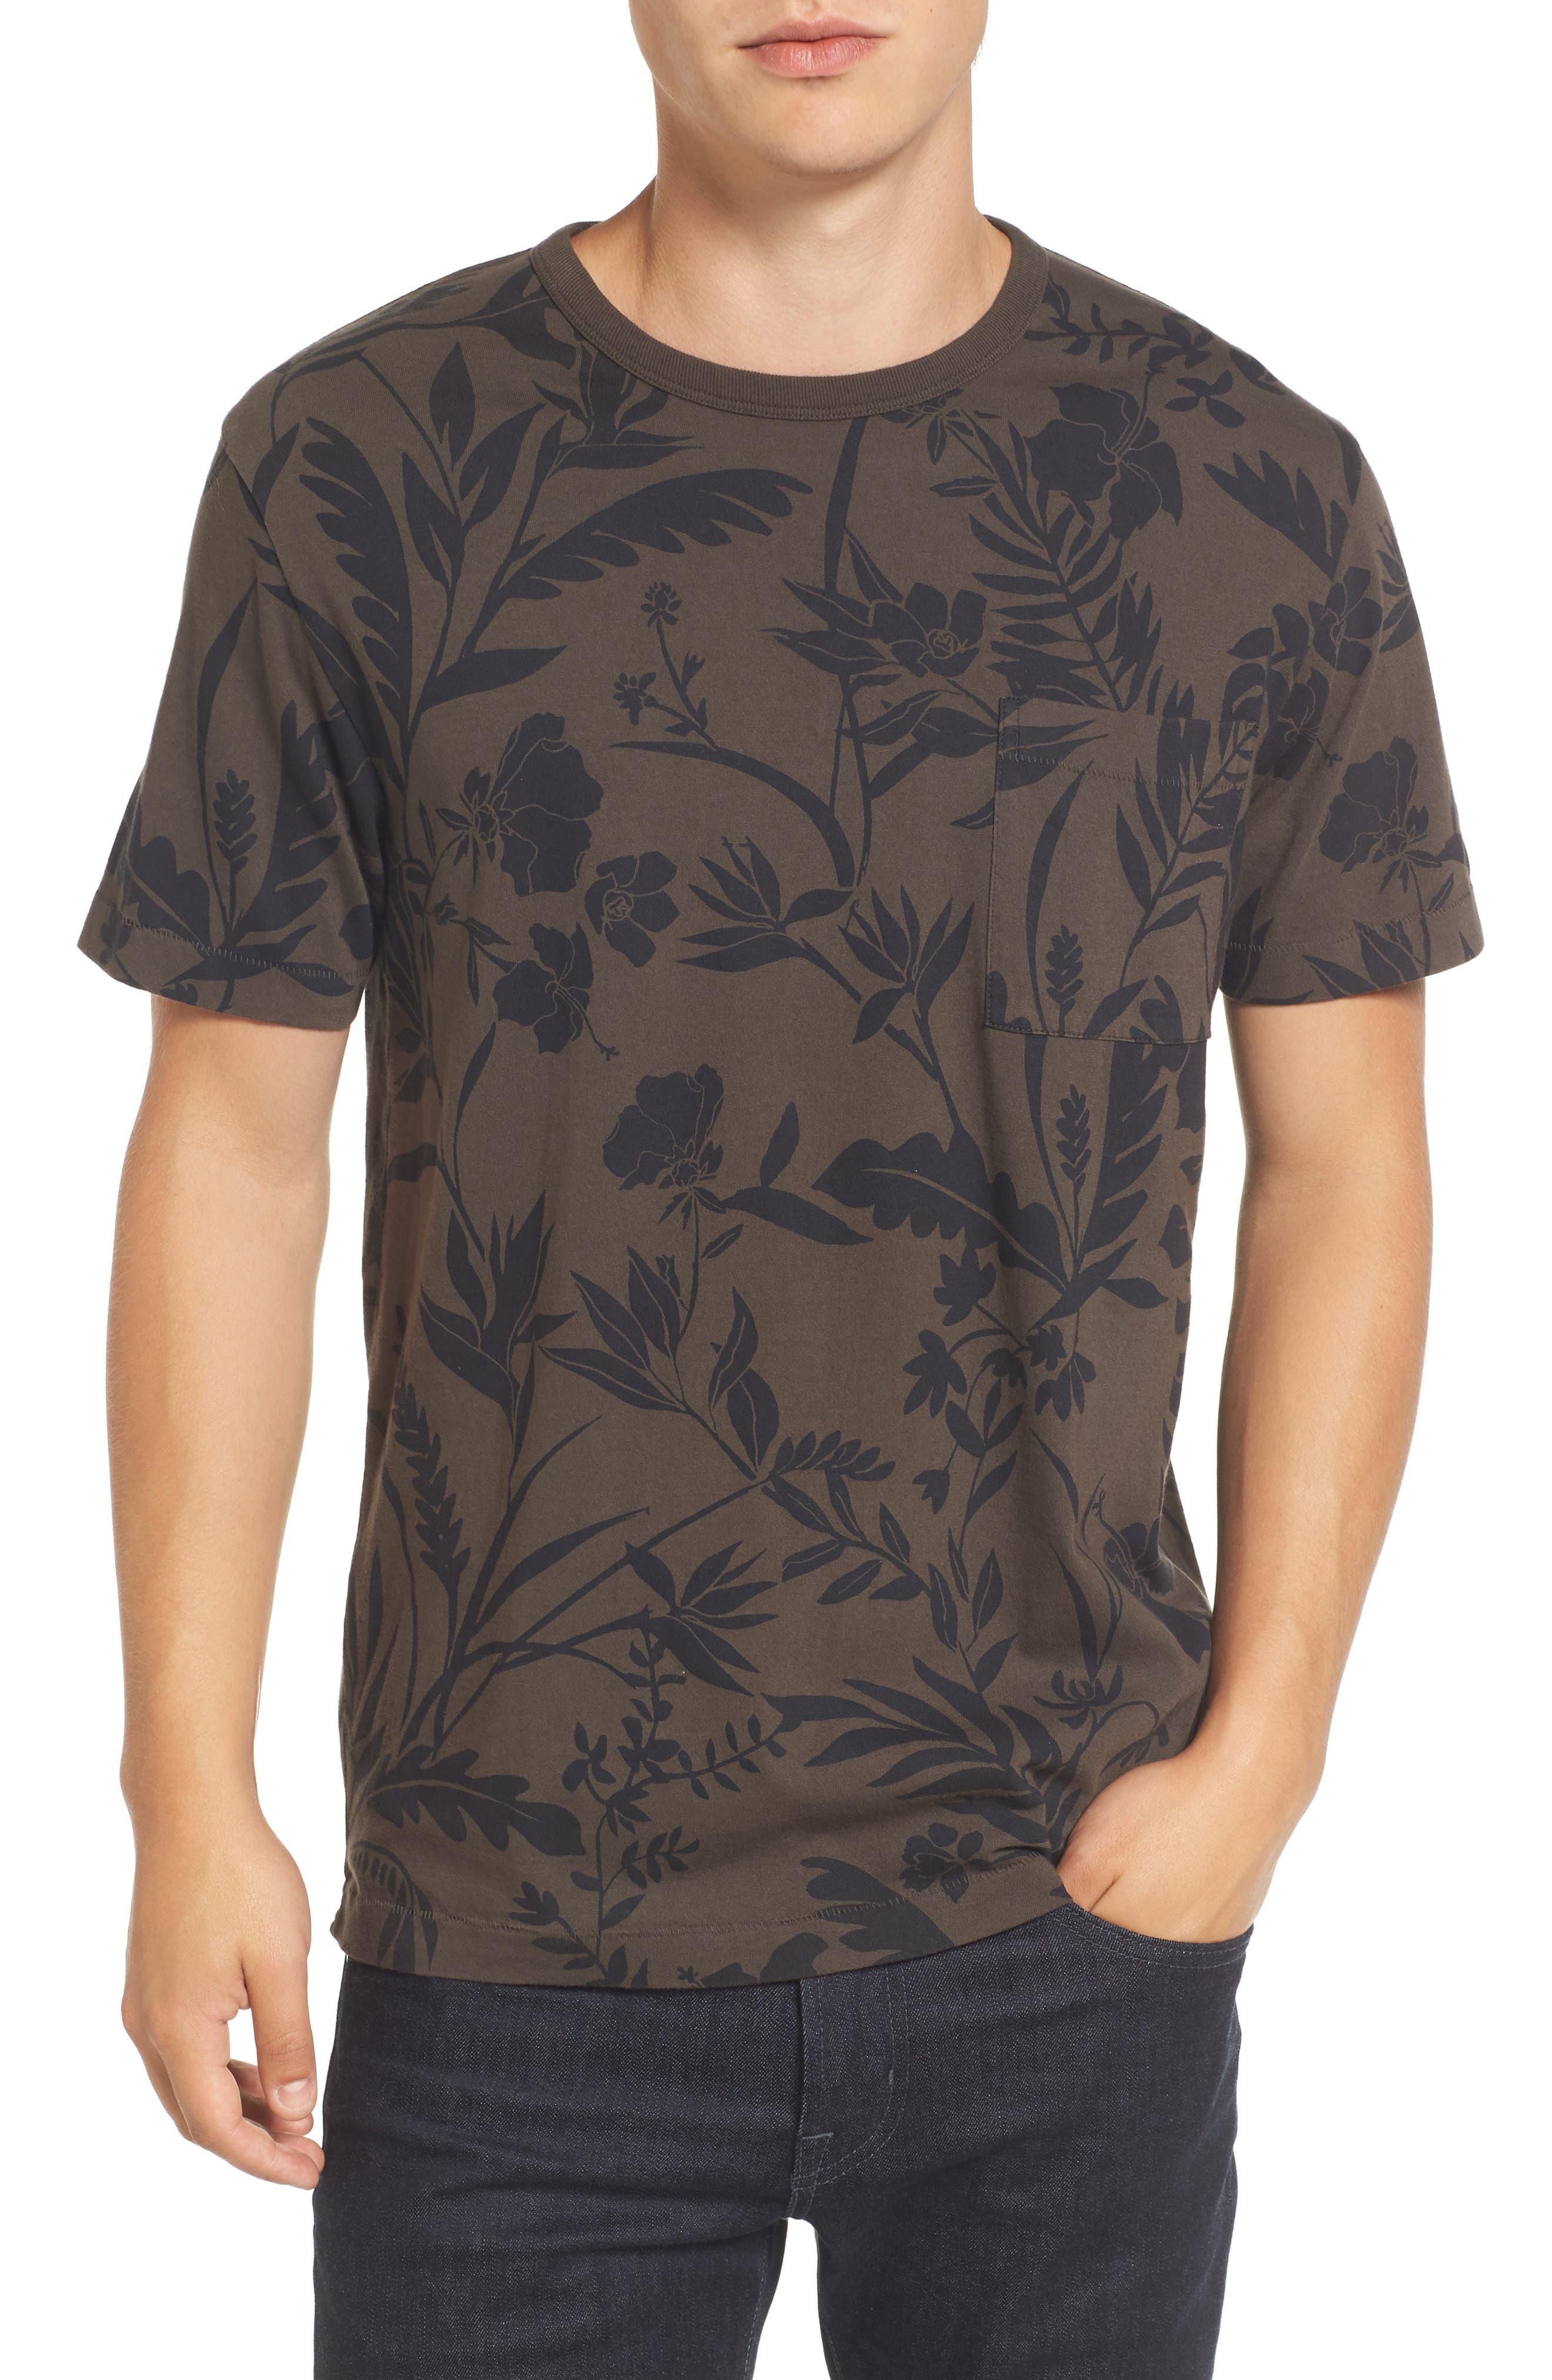 Floral Print T-Shirt,                         Main,                         color, Black Olive/ Marine Blue